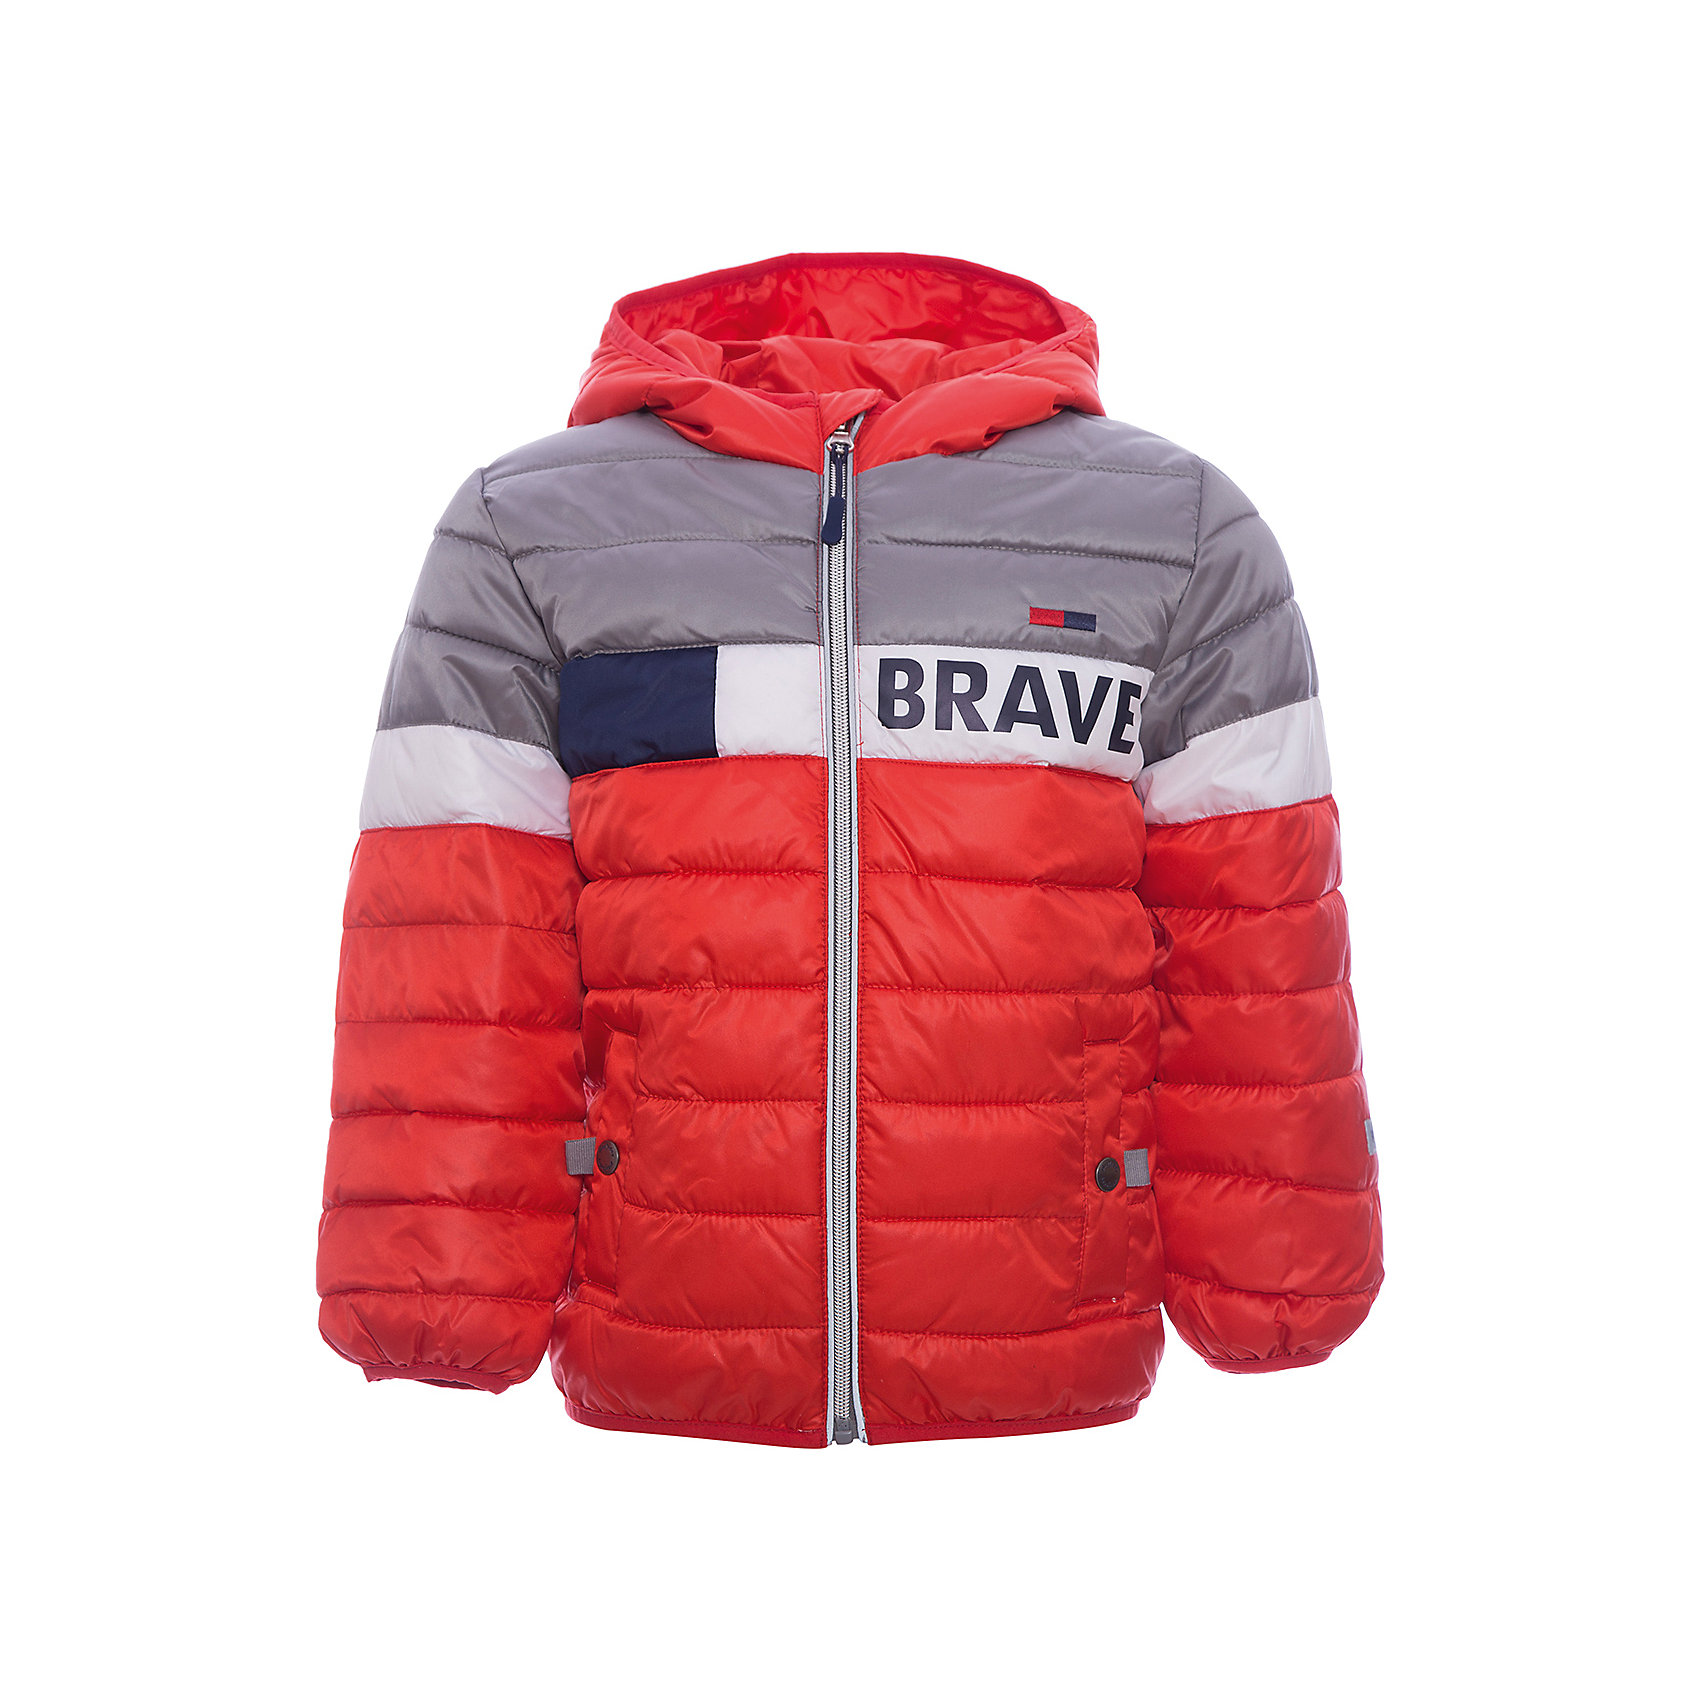 Куртка для мальчика PlayTodayВерхняя одежда<br>Характеристики товара:<br><br>• цвет: разноцветный<br>• состав: 100% полиэстер, подкладка: 80% хлопок, 20% полиэстер<br>• утеплитель: 100% полиэстер, 150 г/м2<br>• температурный режим: от +0°С до +15°С<br>• декорирована принтом<br>• карманы<br>• защита подбородка<br>• молния<br>• эластичные манжеты<br>• светоотражающие элементы<br>• капюшон<br>• коллекция: весна-лето 2017<br>• страна бренда: Германия<br>• страна производства: Китай<br><br>Популярный бренд PlayToday выпустил новую коллекцию! Вещи из неё продолжают радовать покупателей удобством, стильным дизайном и продуманным кроем. Дети носят их с удовольствием. PlayToday - это линейка товаров, созданная специально для детей. Дизайнеры учитывают новые веяния моды и потребности детей. Порадуйте ребенка обновкой от проверенного производителя!<br>Такая демисезонная куртка обеспечит ребенку комфорт благодаря качественному материалу и продуманному крою. С помощью этой модели можно удобно одеться по погоде. Очень модная модель! Отлично подходит для переменной погоды межсезонья.<br><br>Куртку для мальчика от известного бренда PlayToday можно купить в нашем интернет-магазине.<br><br>Ширина мм: 356<br>Глубина мм: 10<br>Высота мм: 245<br>Вес г: 519<br>Цвет: белый<br>Возраст от месяцев: 84<br>Возраст до месяцев: 96<br>Пол: Мужской<br>Возраст: Детский<br>Размер: 128,98,104,110,116,122<br>SKU: 5402070